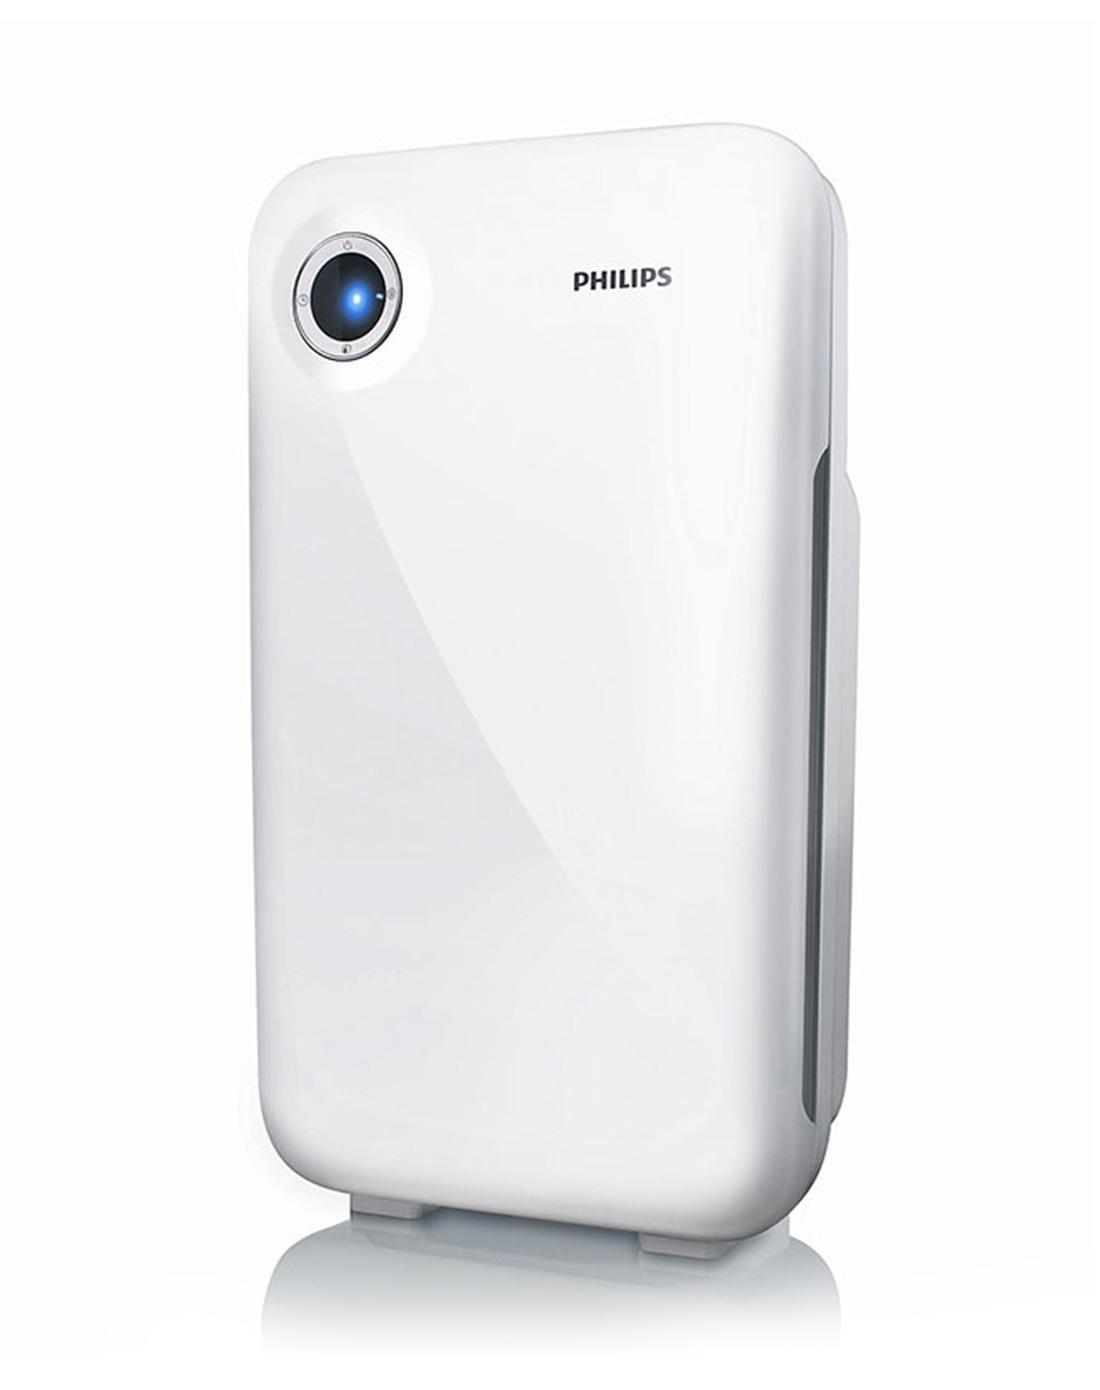 主动式空气净化器—主动式空气净化器的推荐品牌